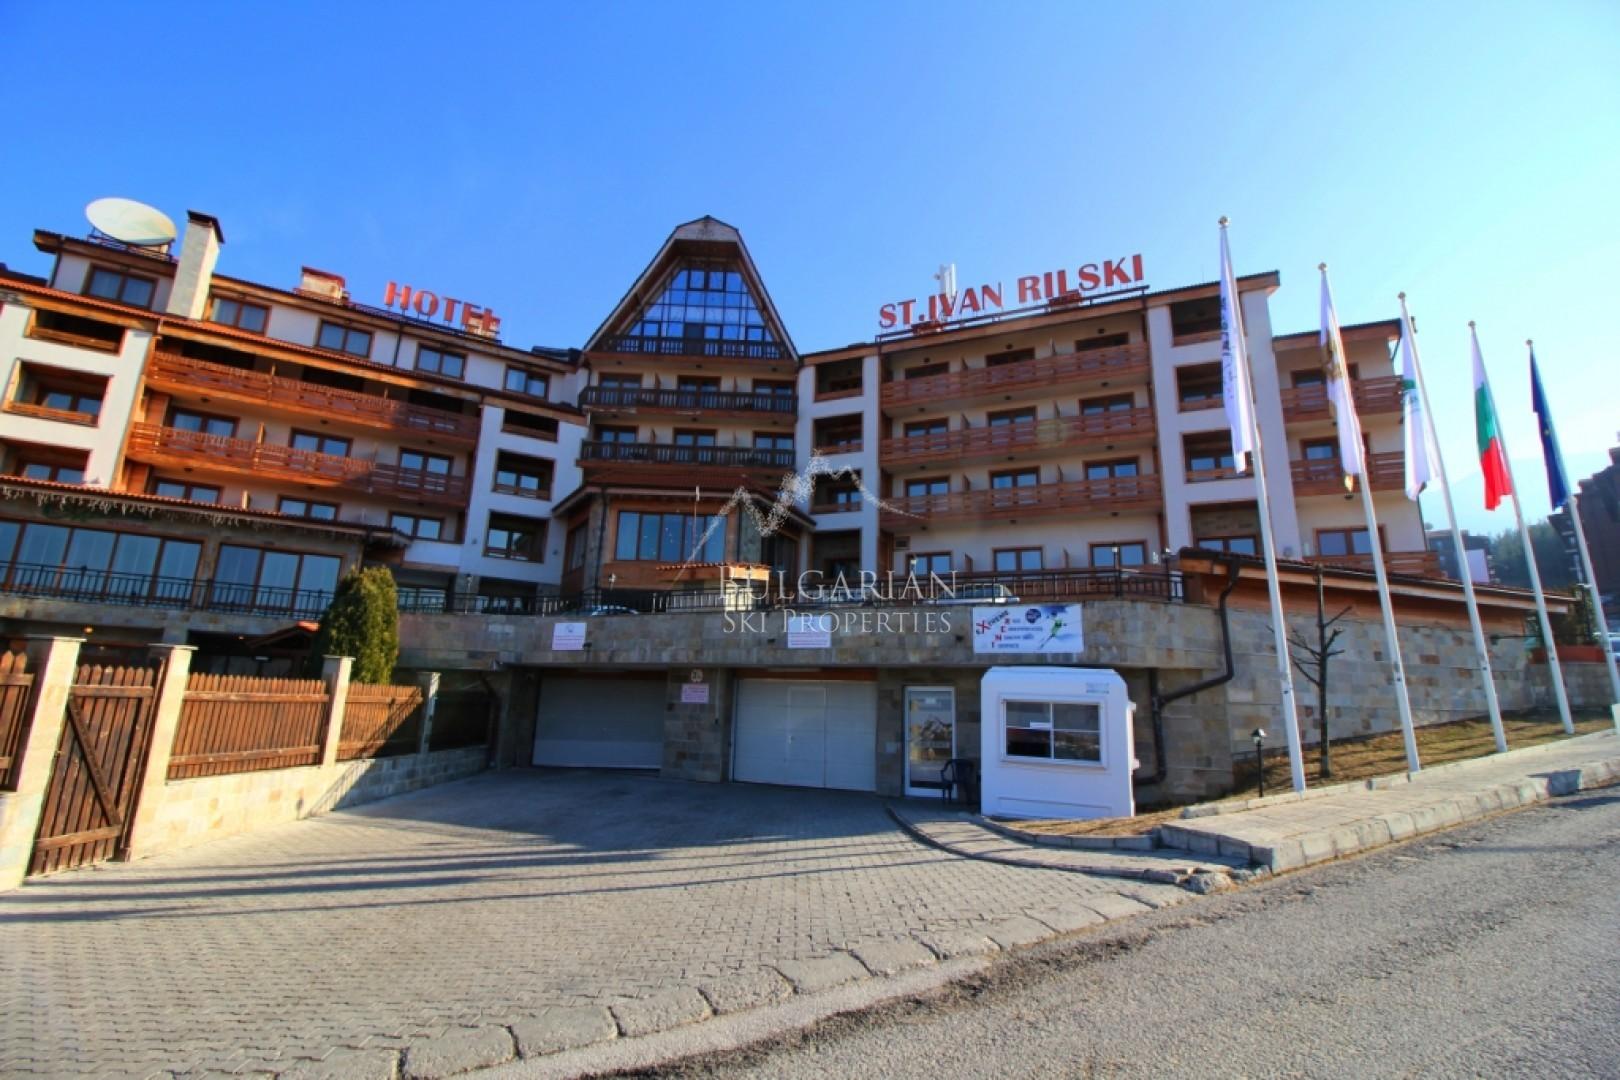 Комплекс Святой Ивана Рильского, Банско: меблированная квартира на продажу